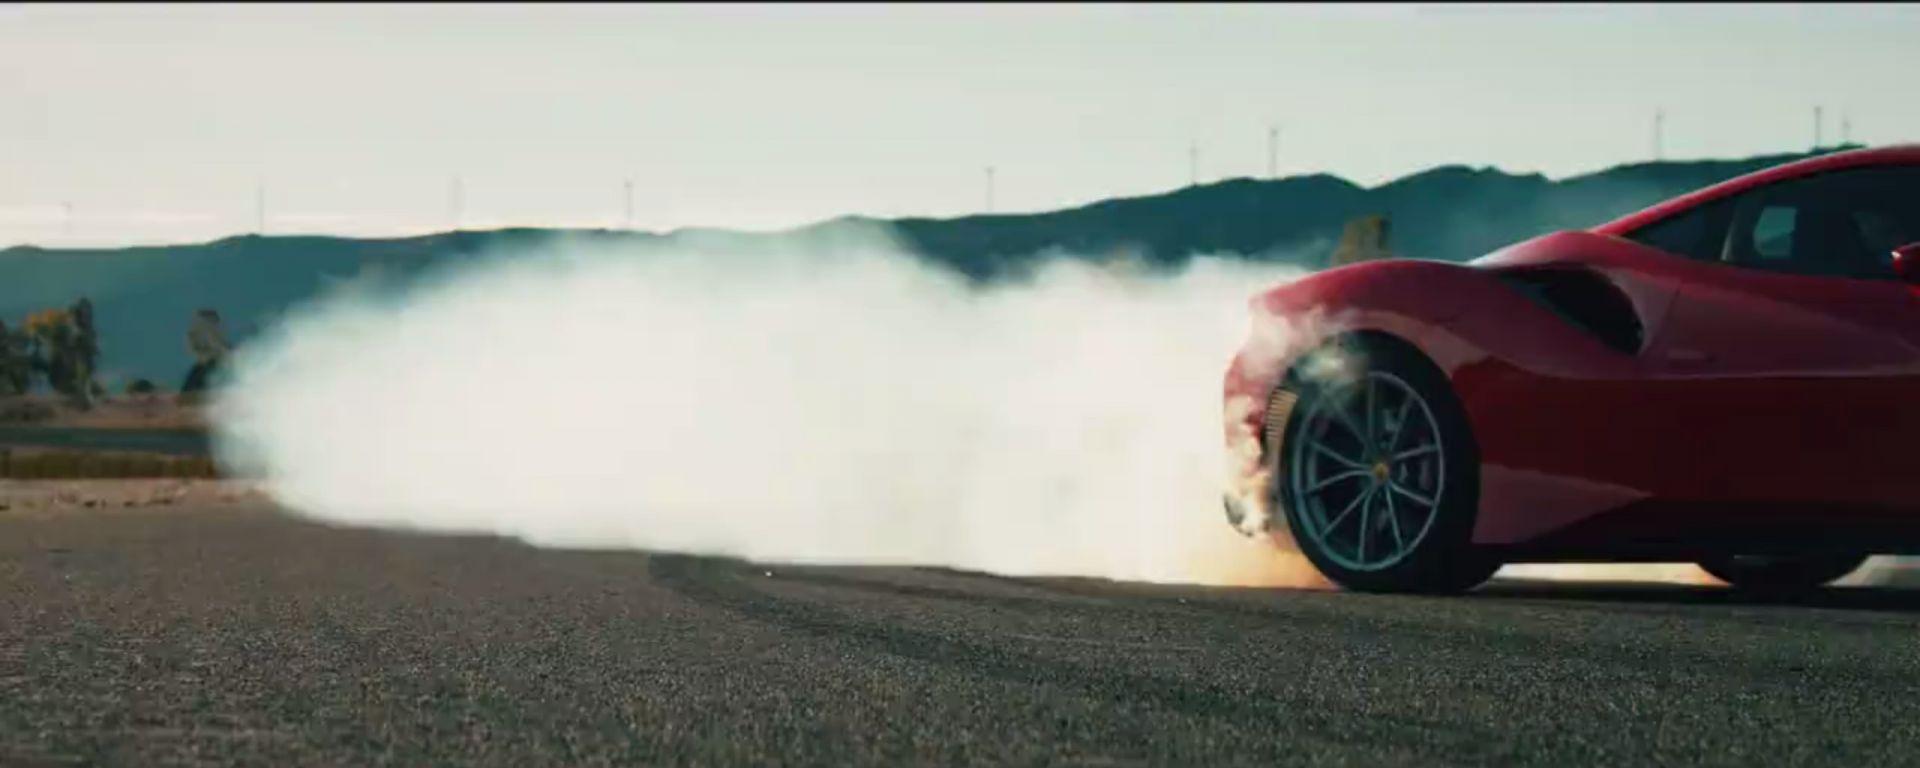 Nuova Ferrari 488 Sport Special Series: il V8 più potente di sempre ha 700 cv